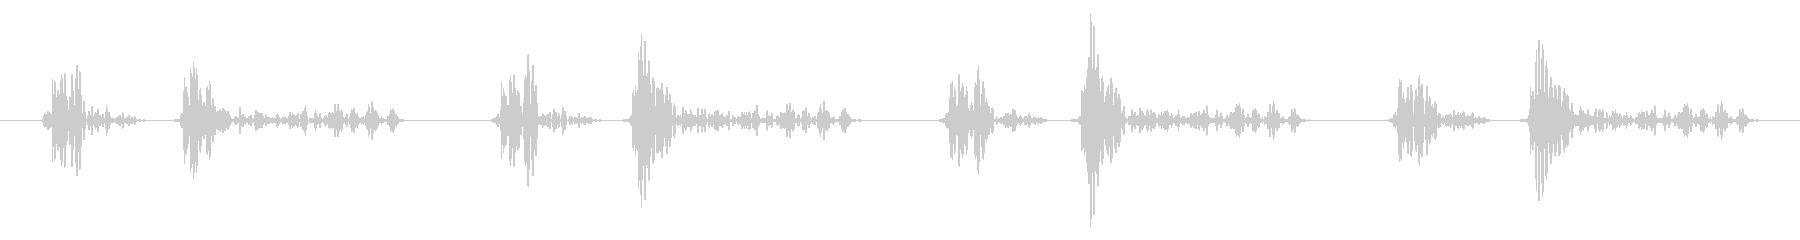 「ドクン!」心臓心拍、鼓動音ループ可能1の未再生の波形